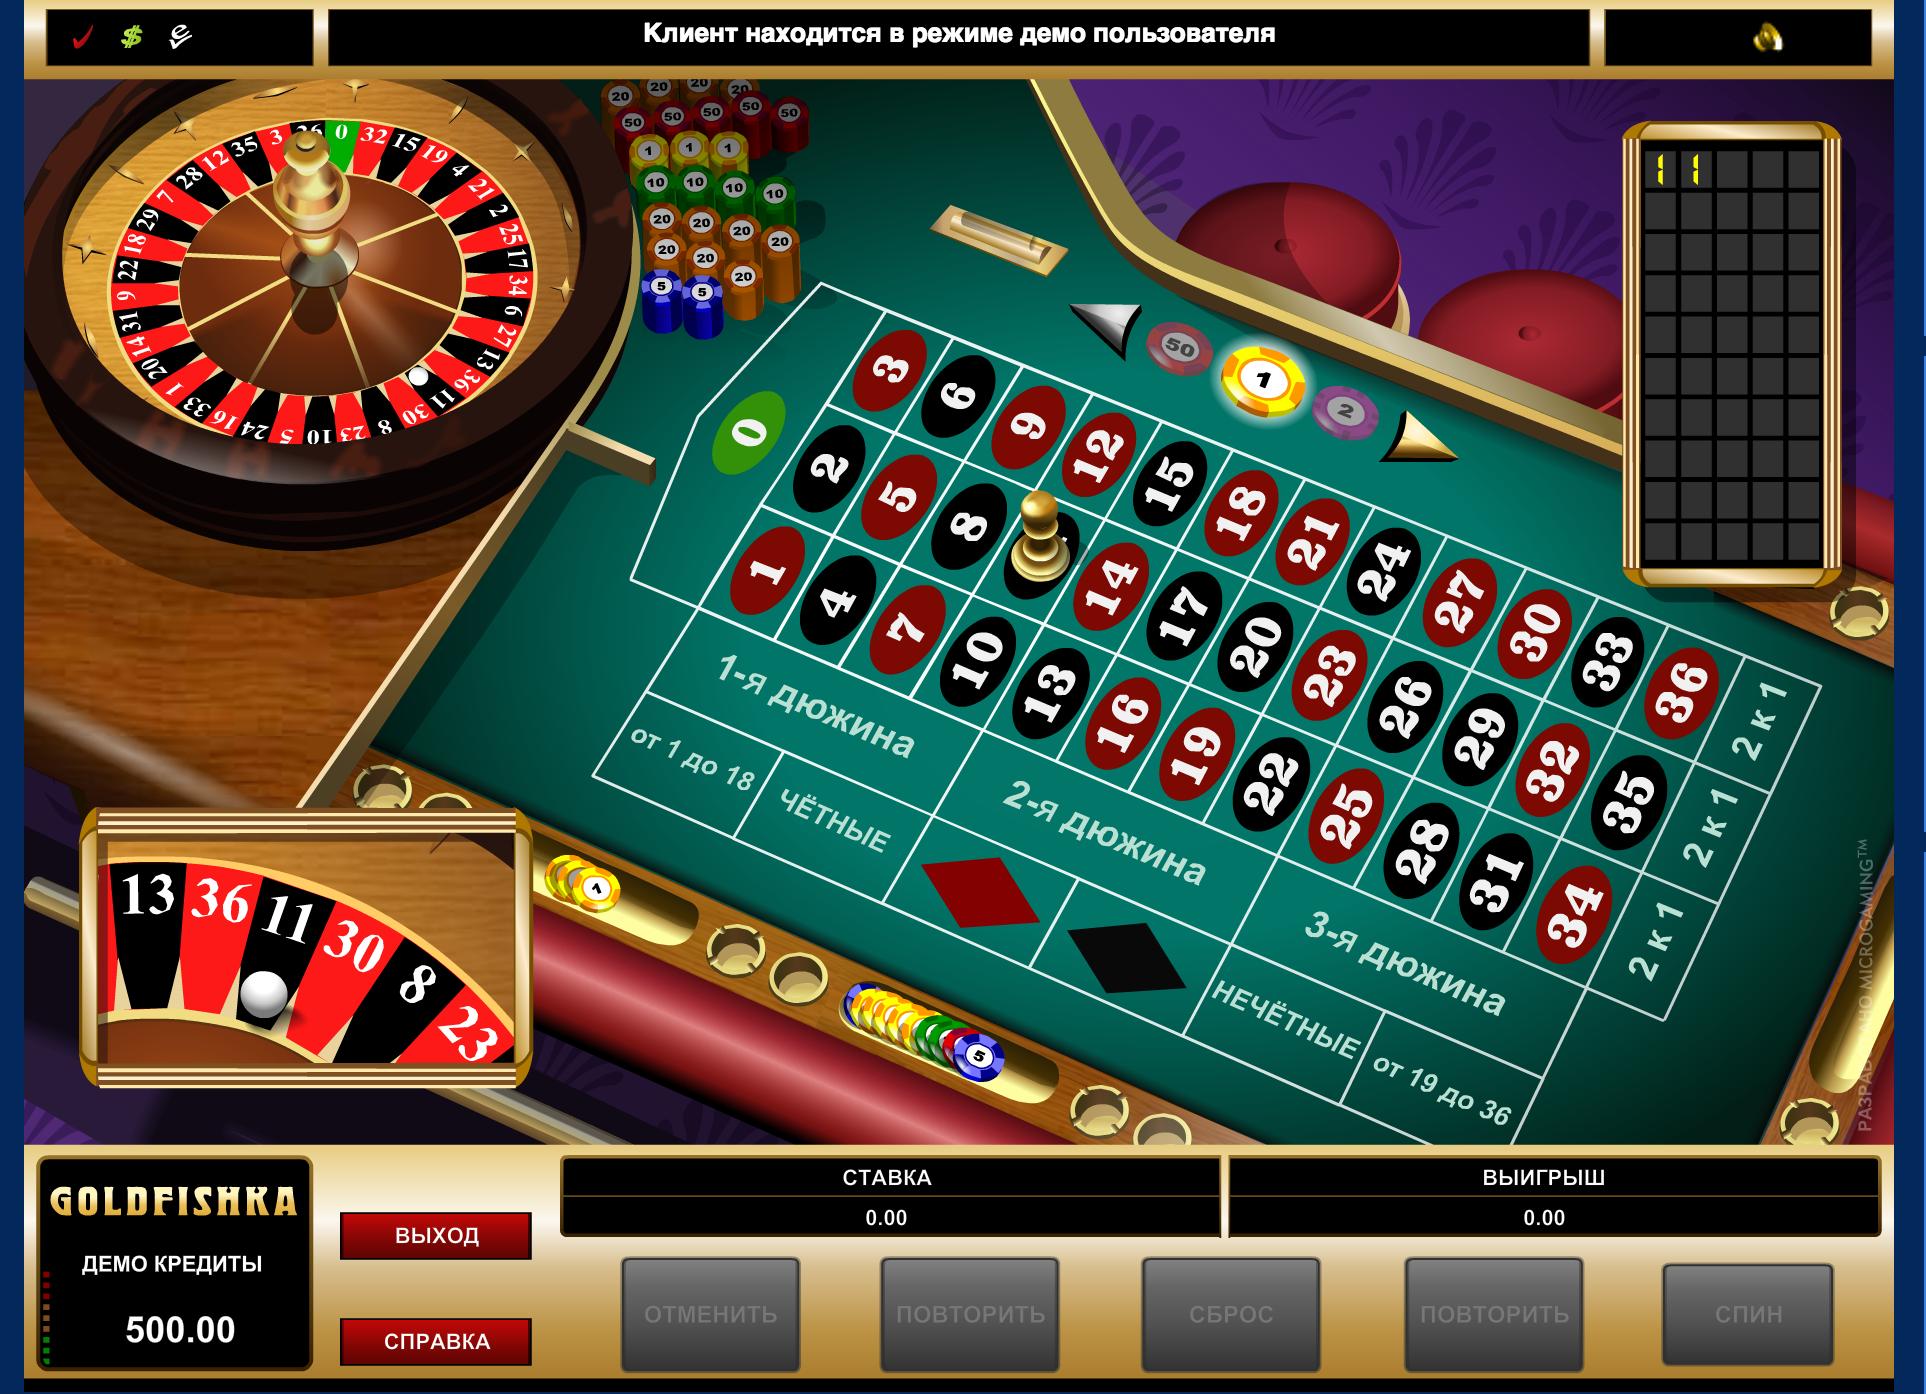 Иван полонский казино лохотрон игровые автоматы играть бесплатно джамп